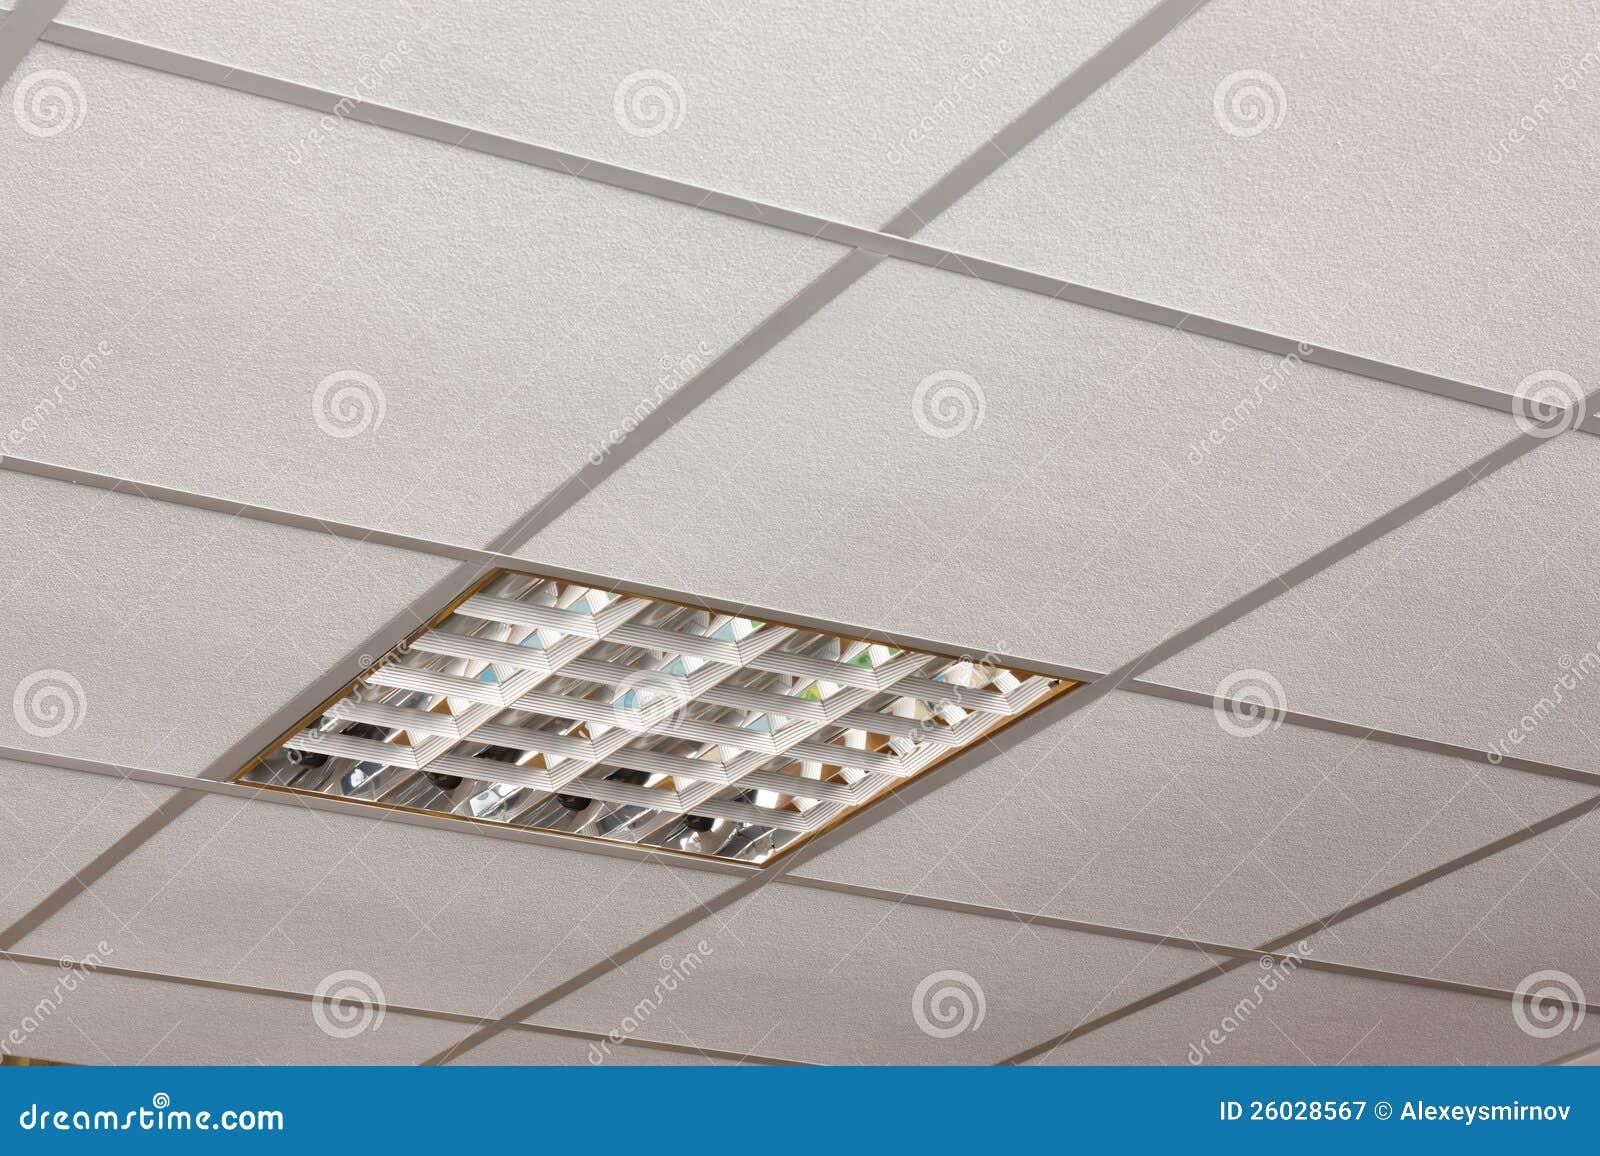 Faux plafond en resille metallique for Faux plafond resille